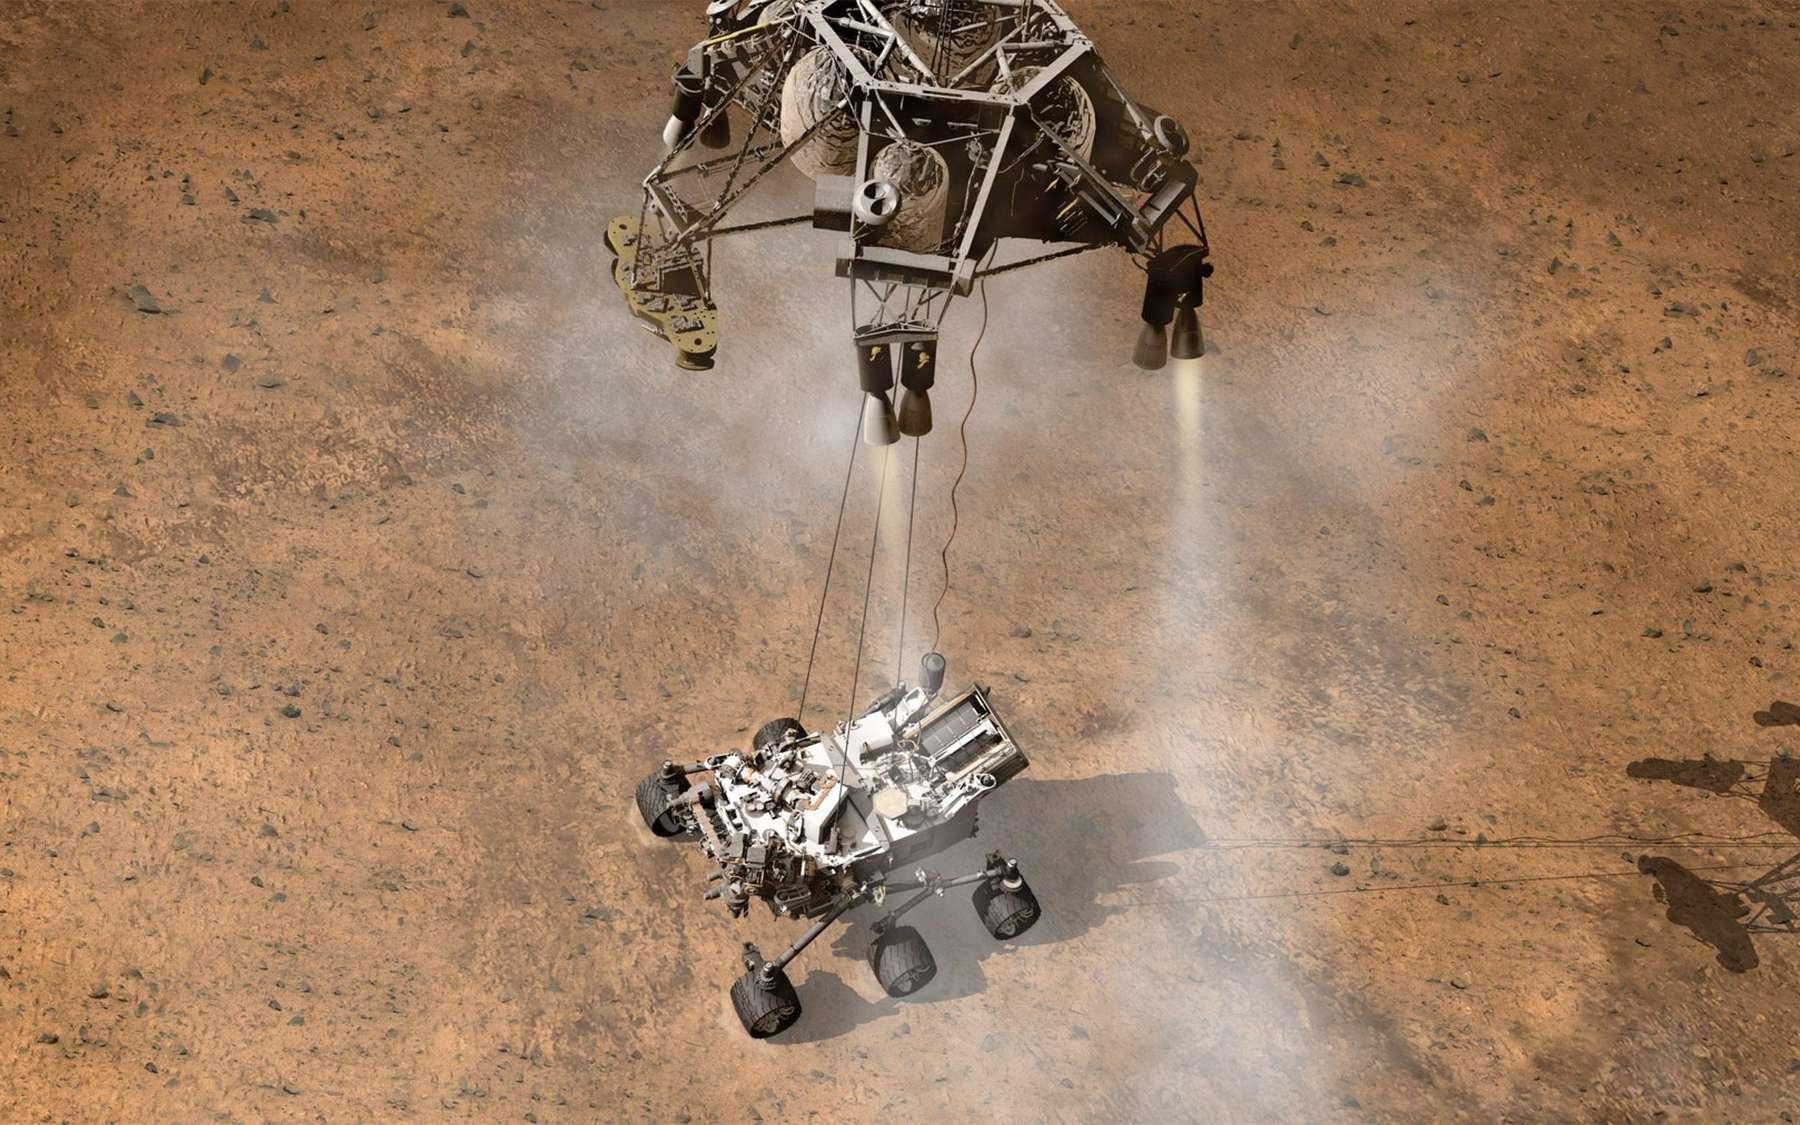 Trois sondes ne seront pas de trop pour surveiller l'atterrissage de Curiosity qui terminera sa descente accroché à une sorte de grue qui le posera sur le sol. © JPL-Caltech, Nasa